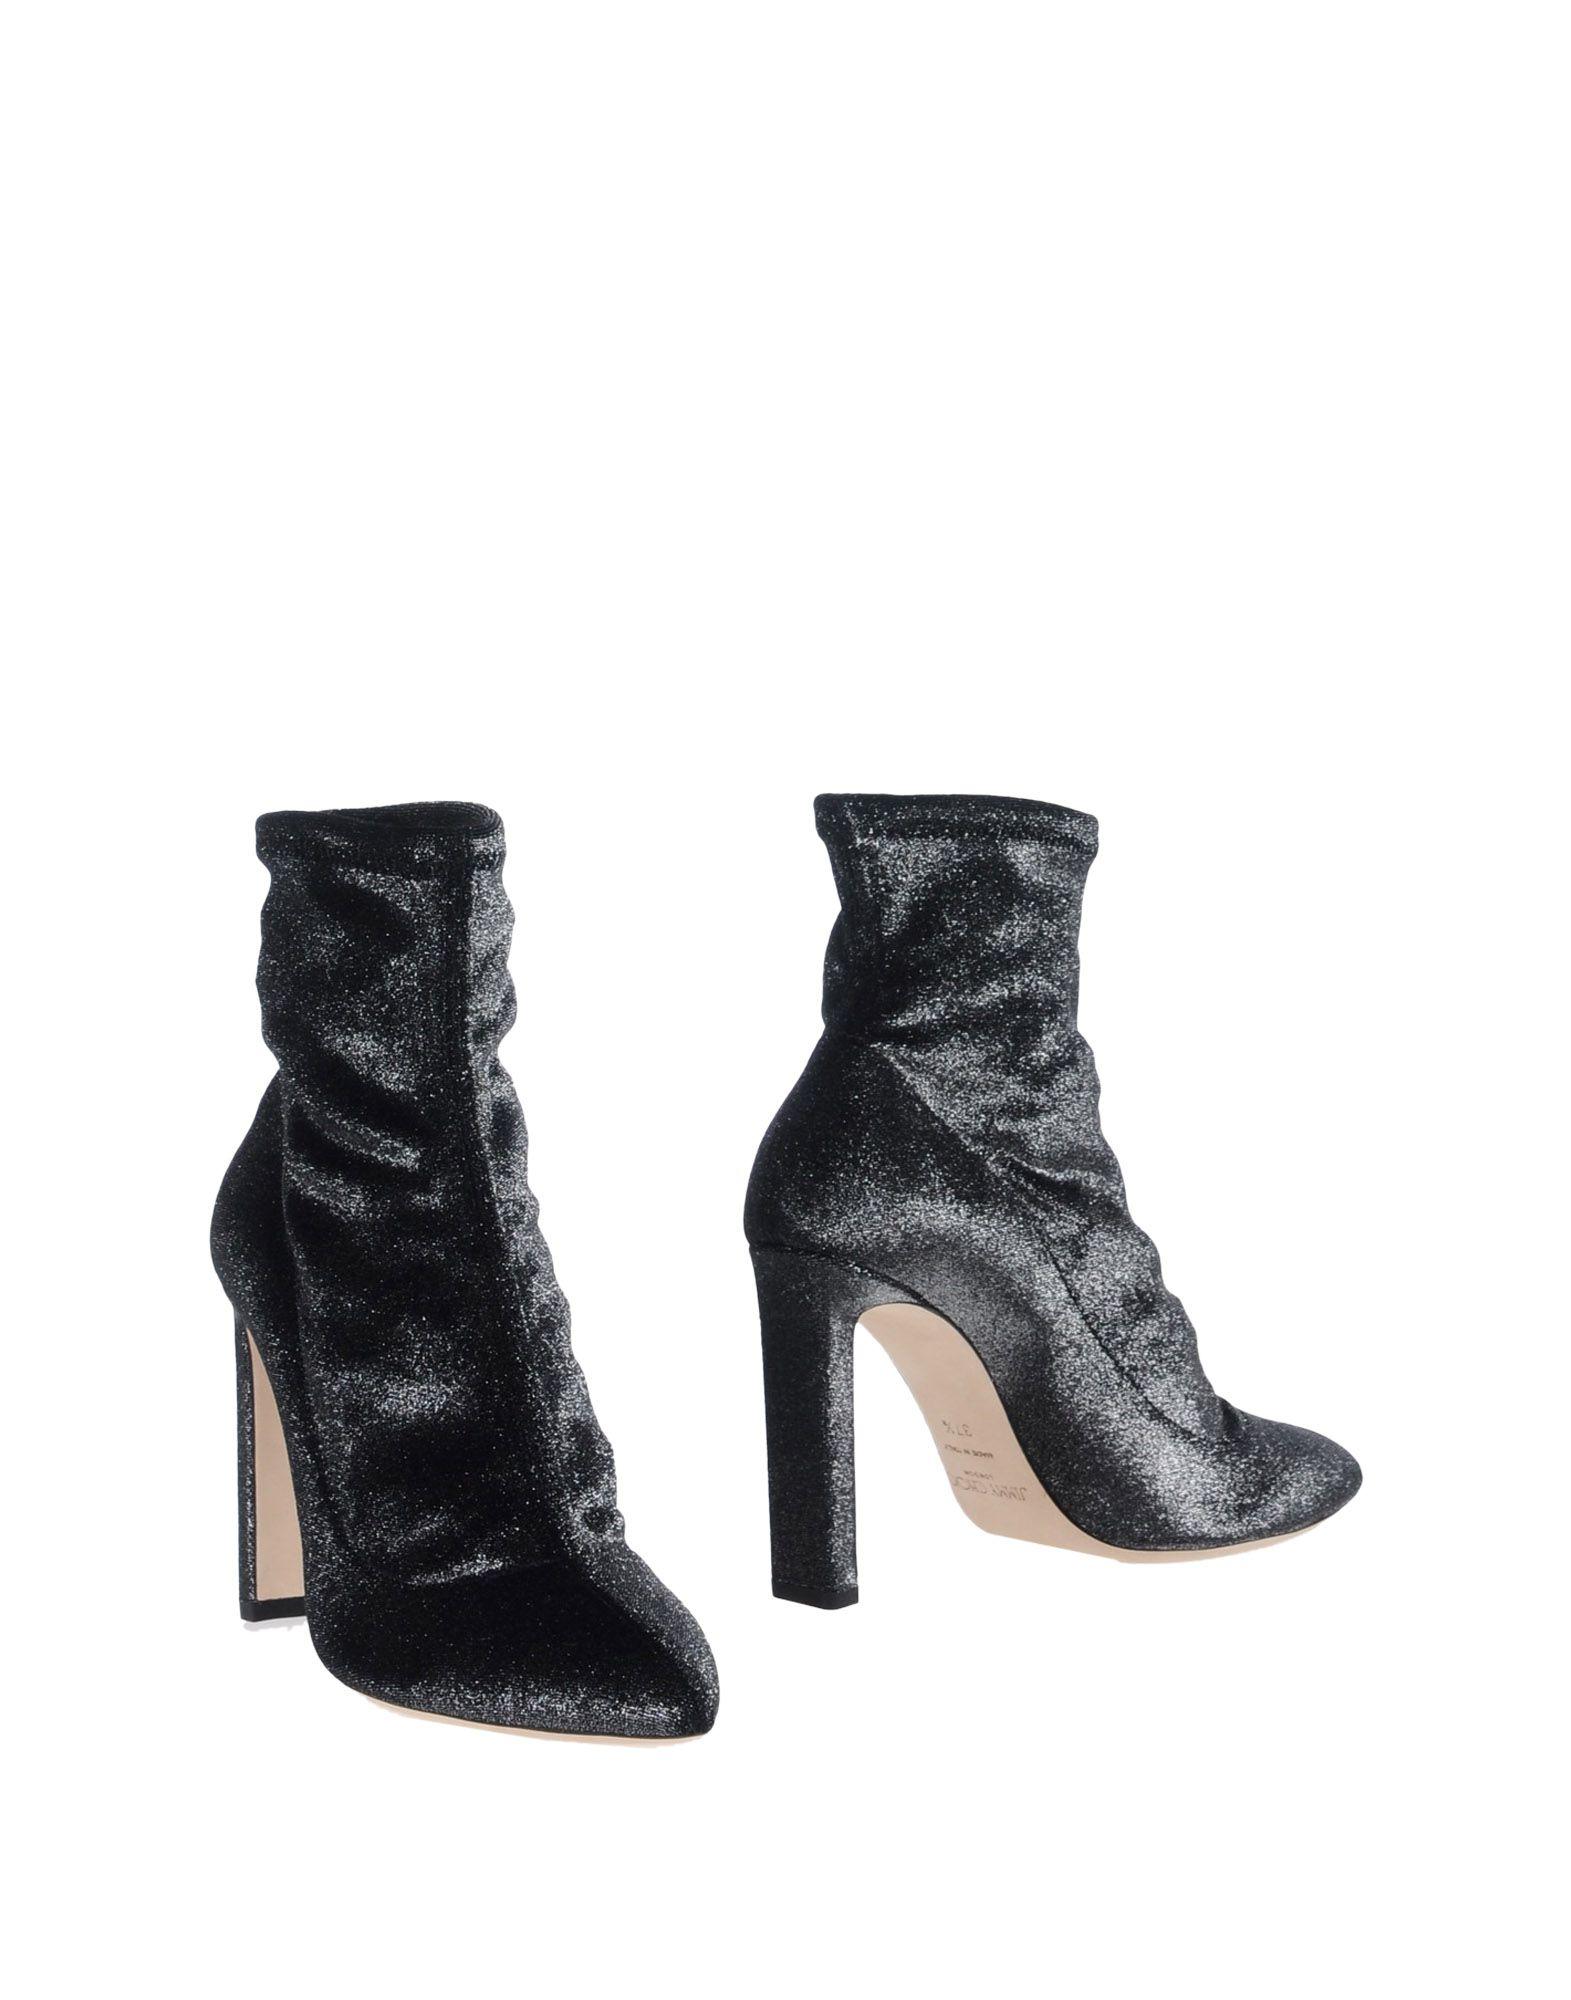 Jimmy Choo Stiefelette Damen Damen Damen  11448561SD Beliebte Schuhe fa166a